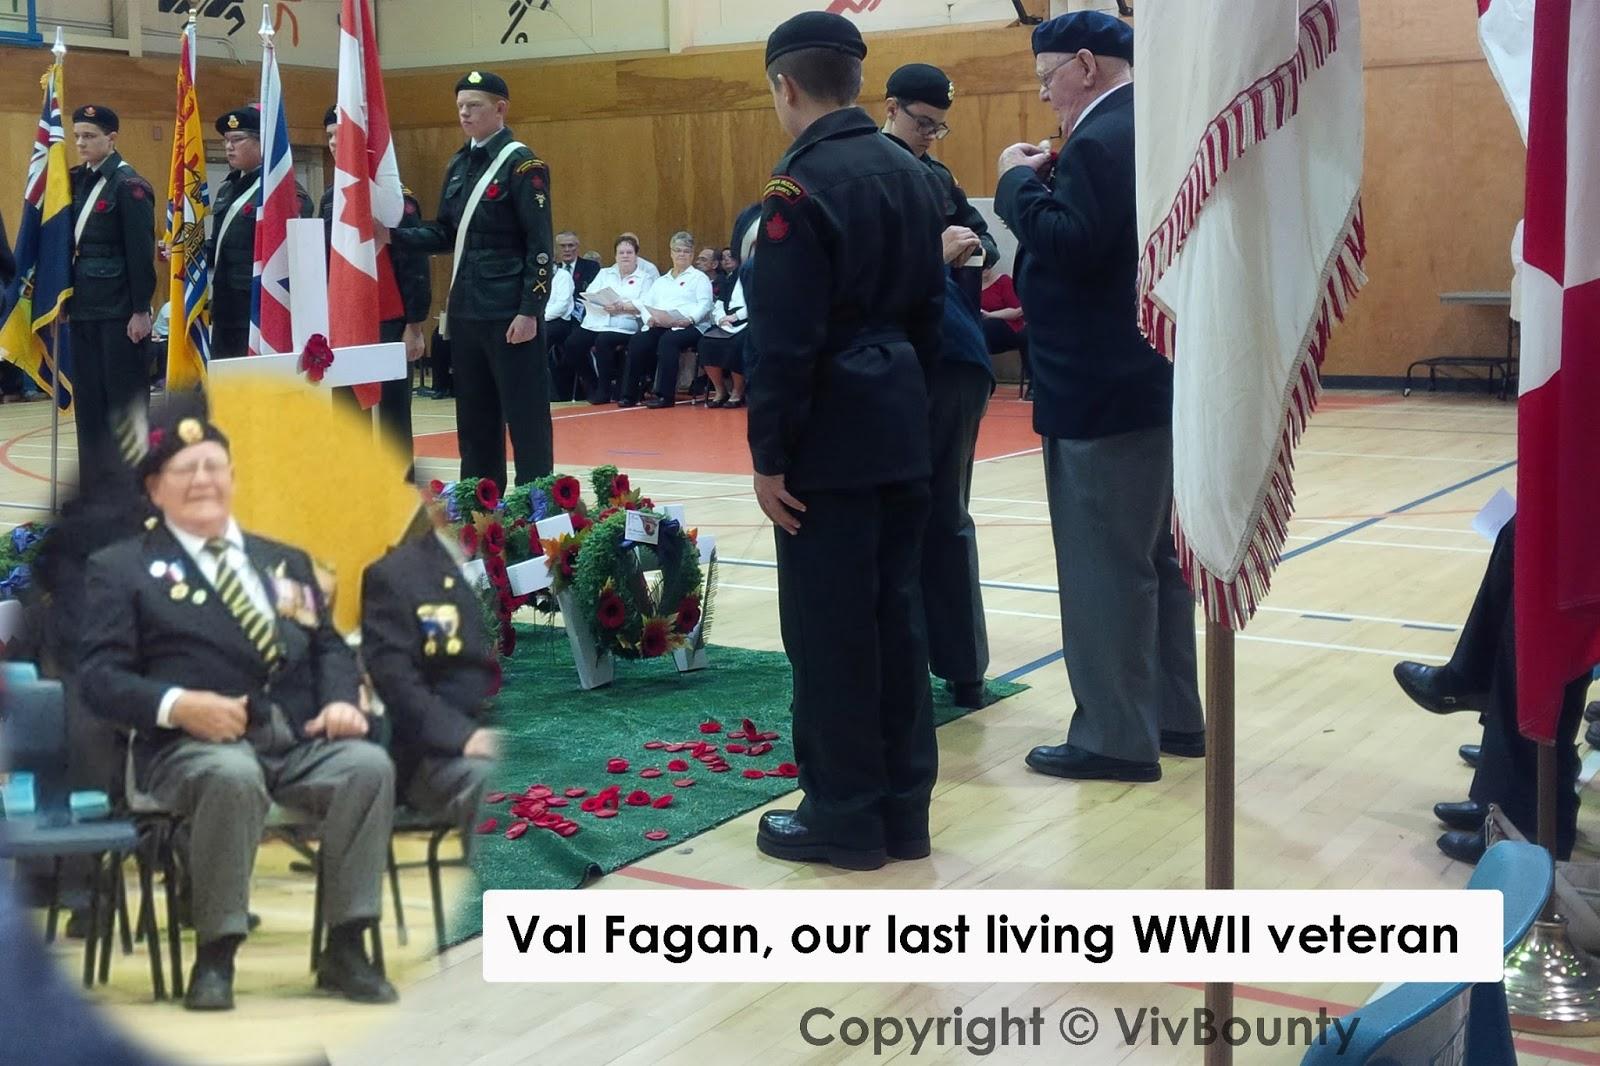 Val Fagan, Port Elgin's last living World War II veteran, VivBounty